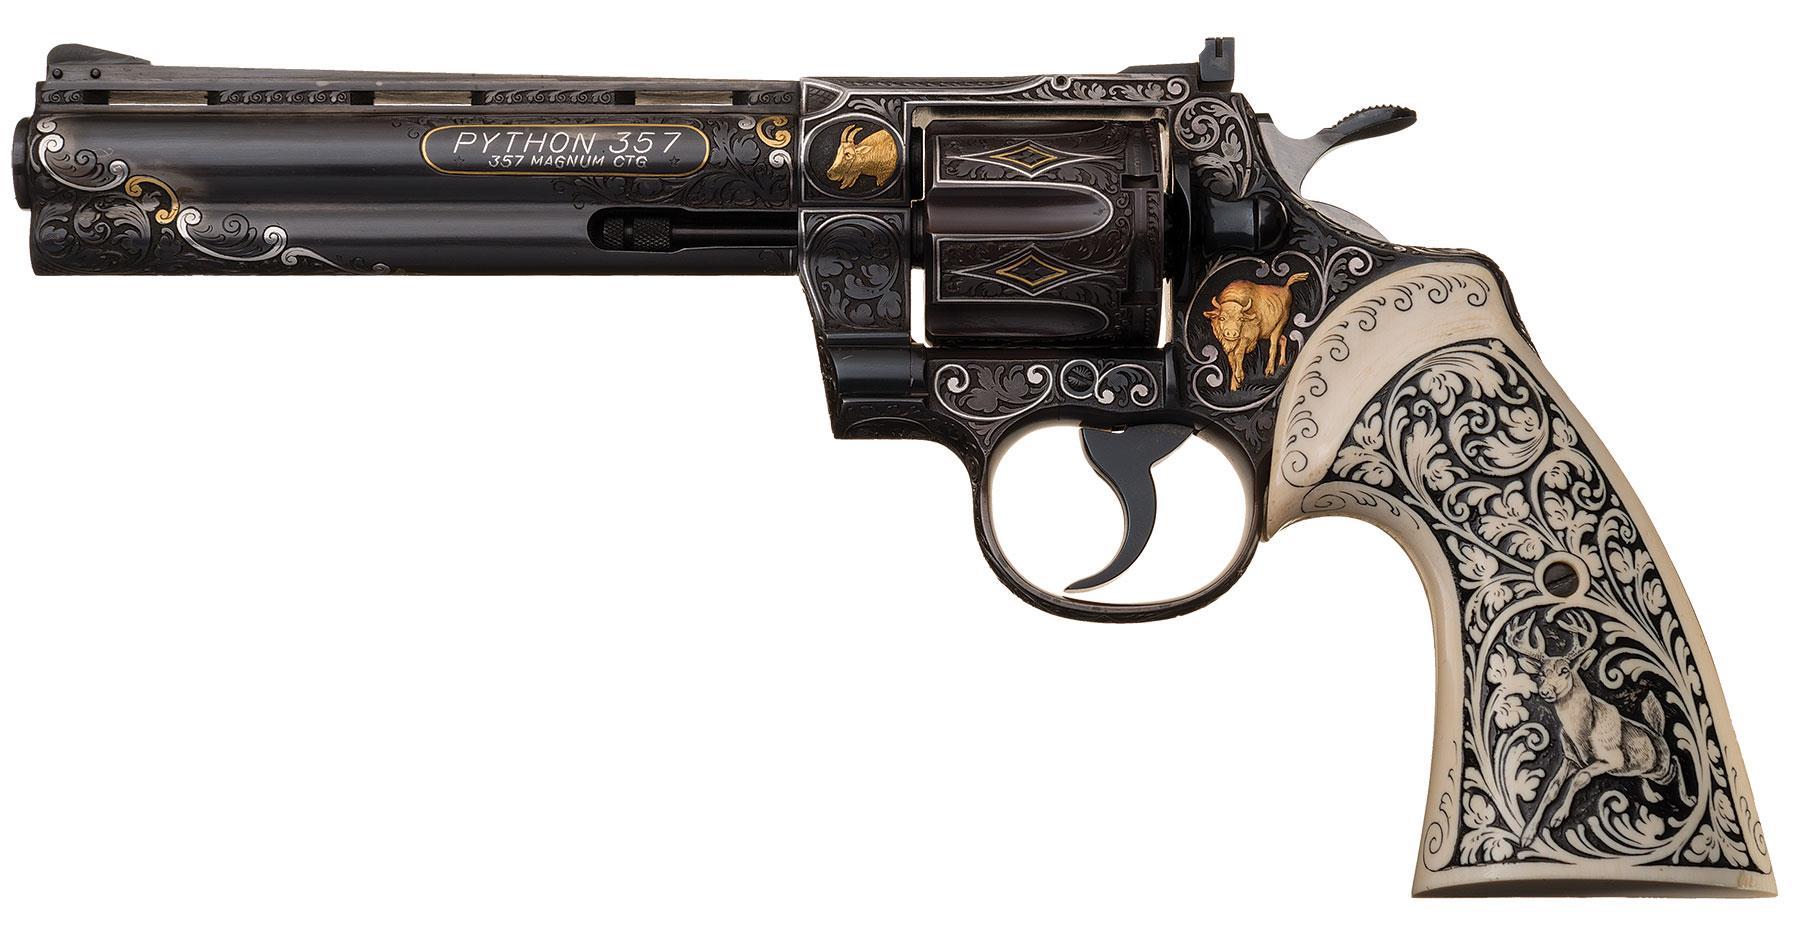 embellished colt python revolver presented by elvis presley